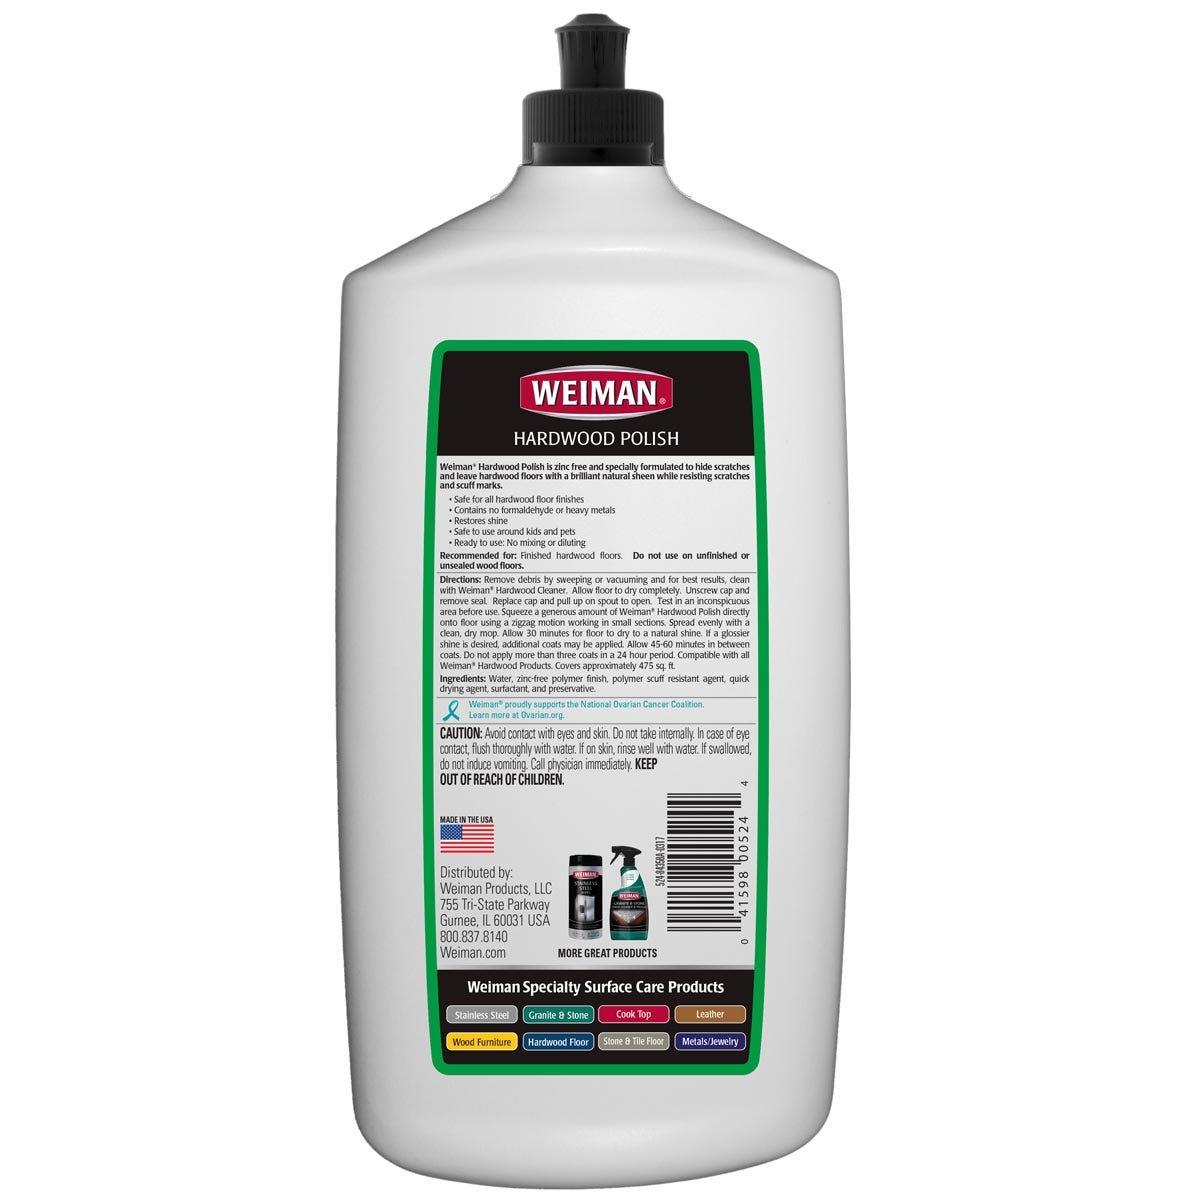 https://googone.com/media/catalog/product/w/e/weiman-hardwood-floor-polish_back.jpg